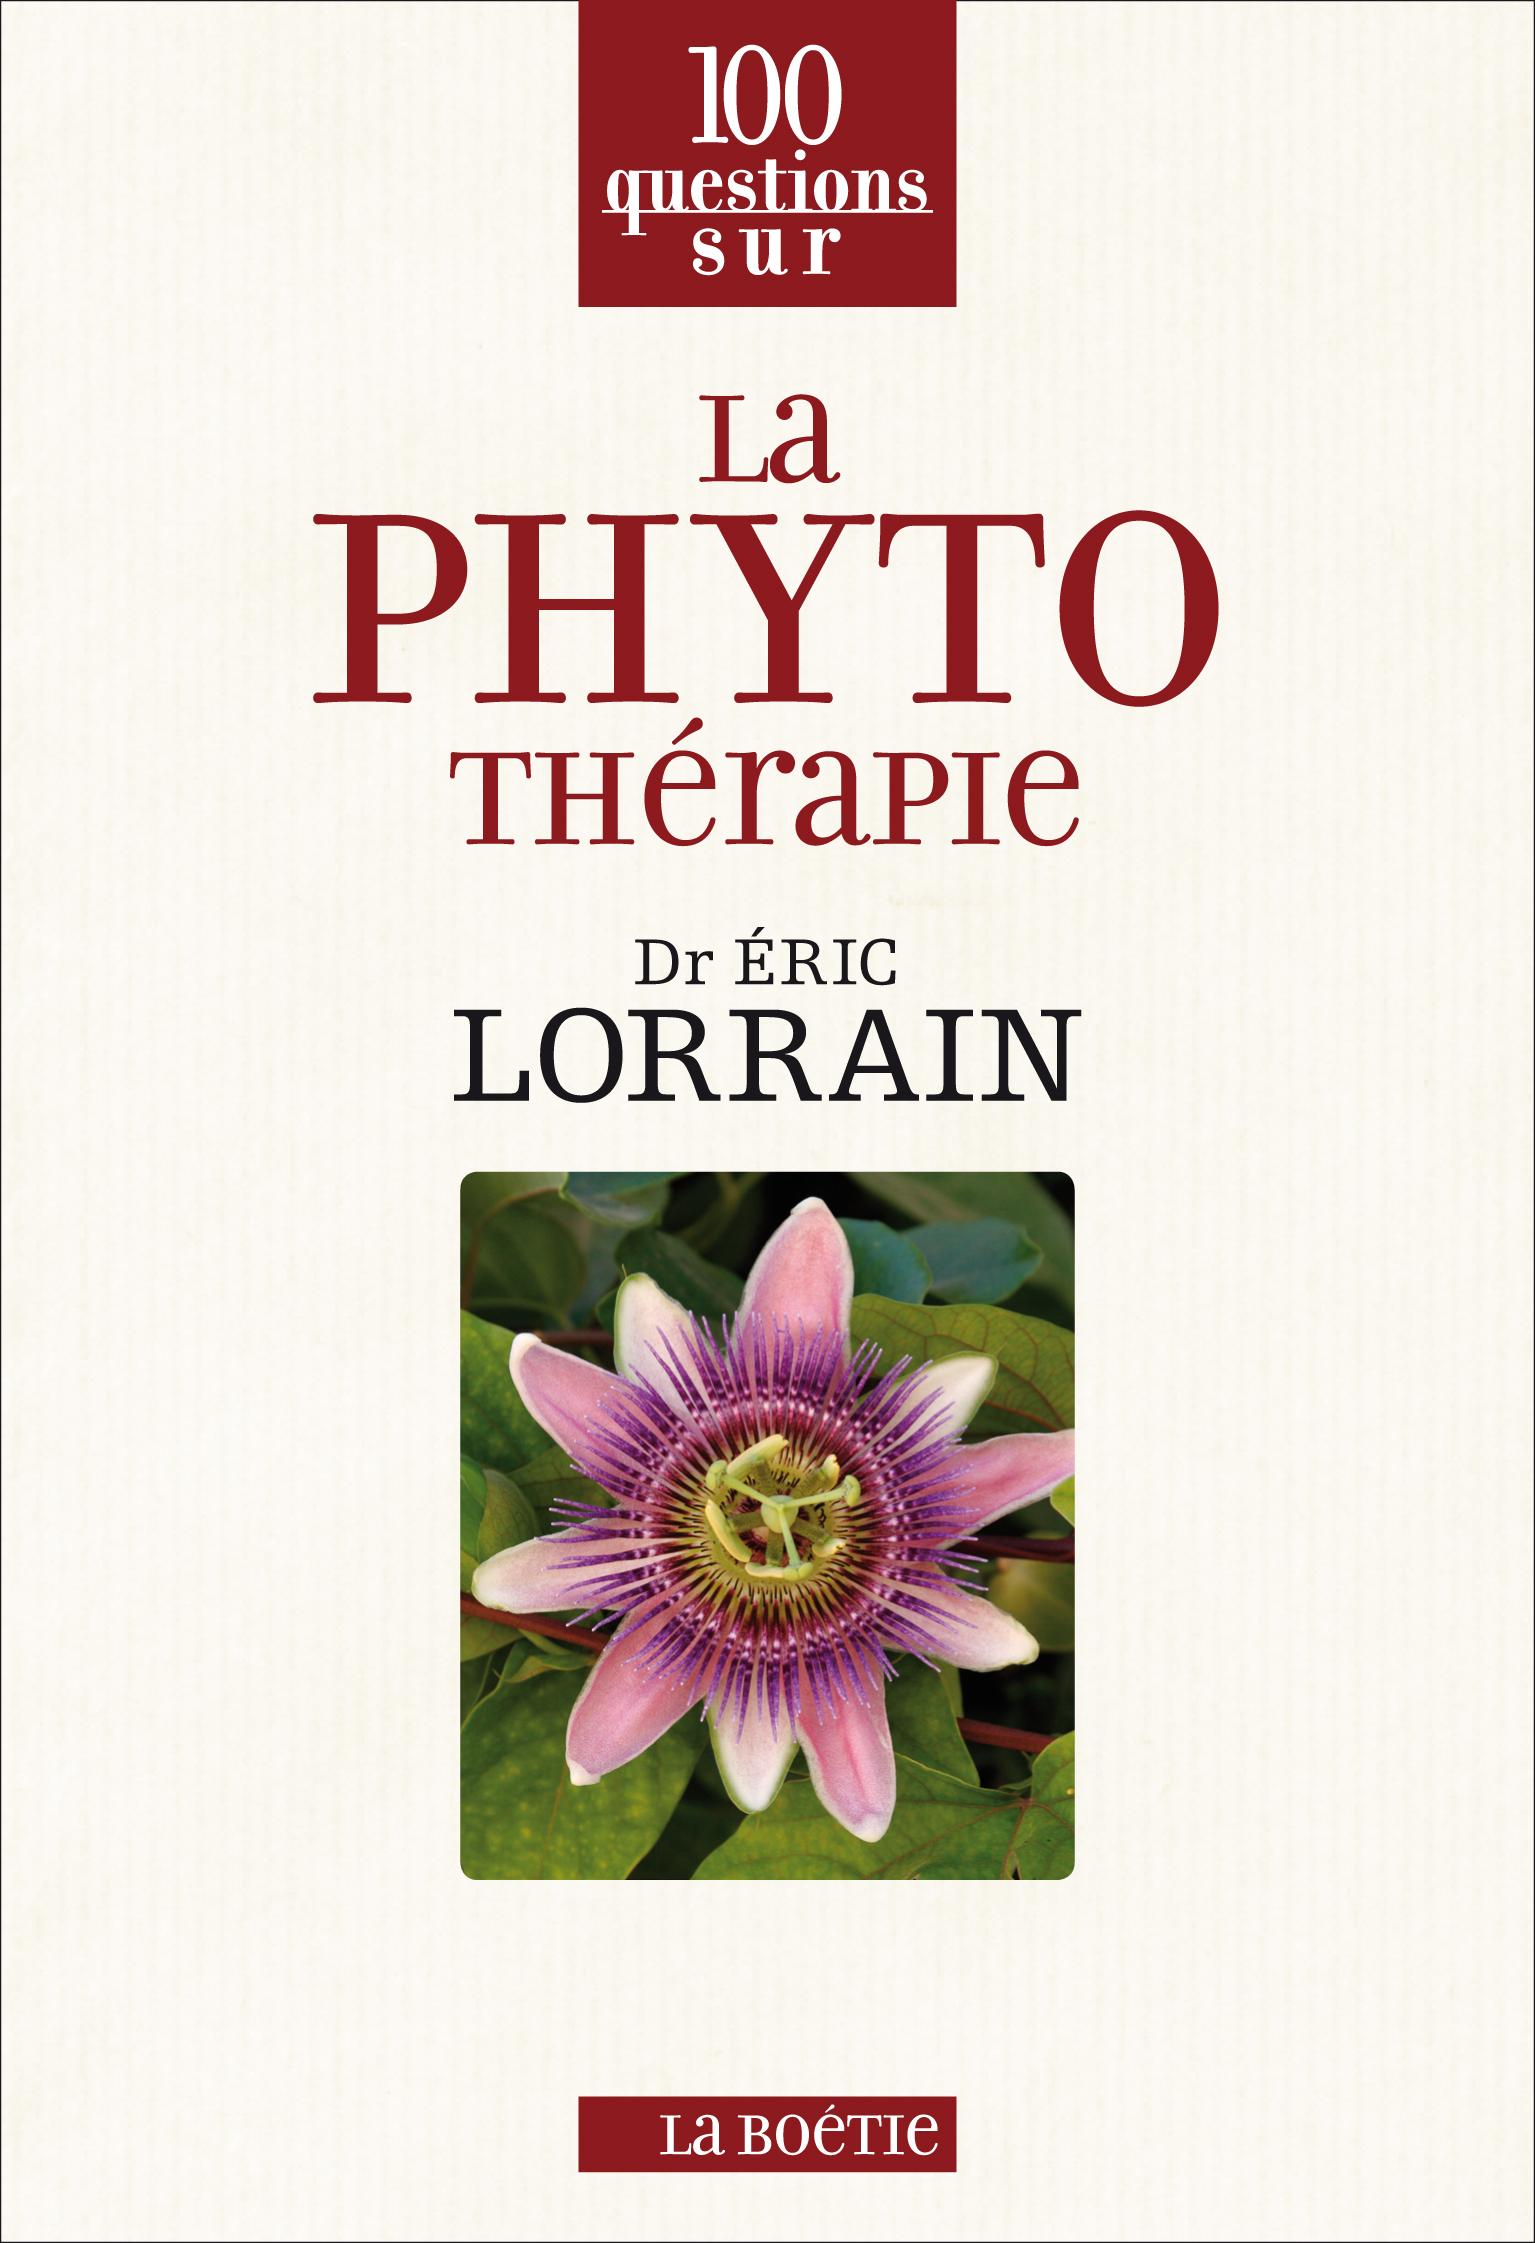 La phytothérapie